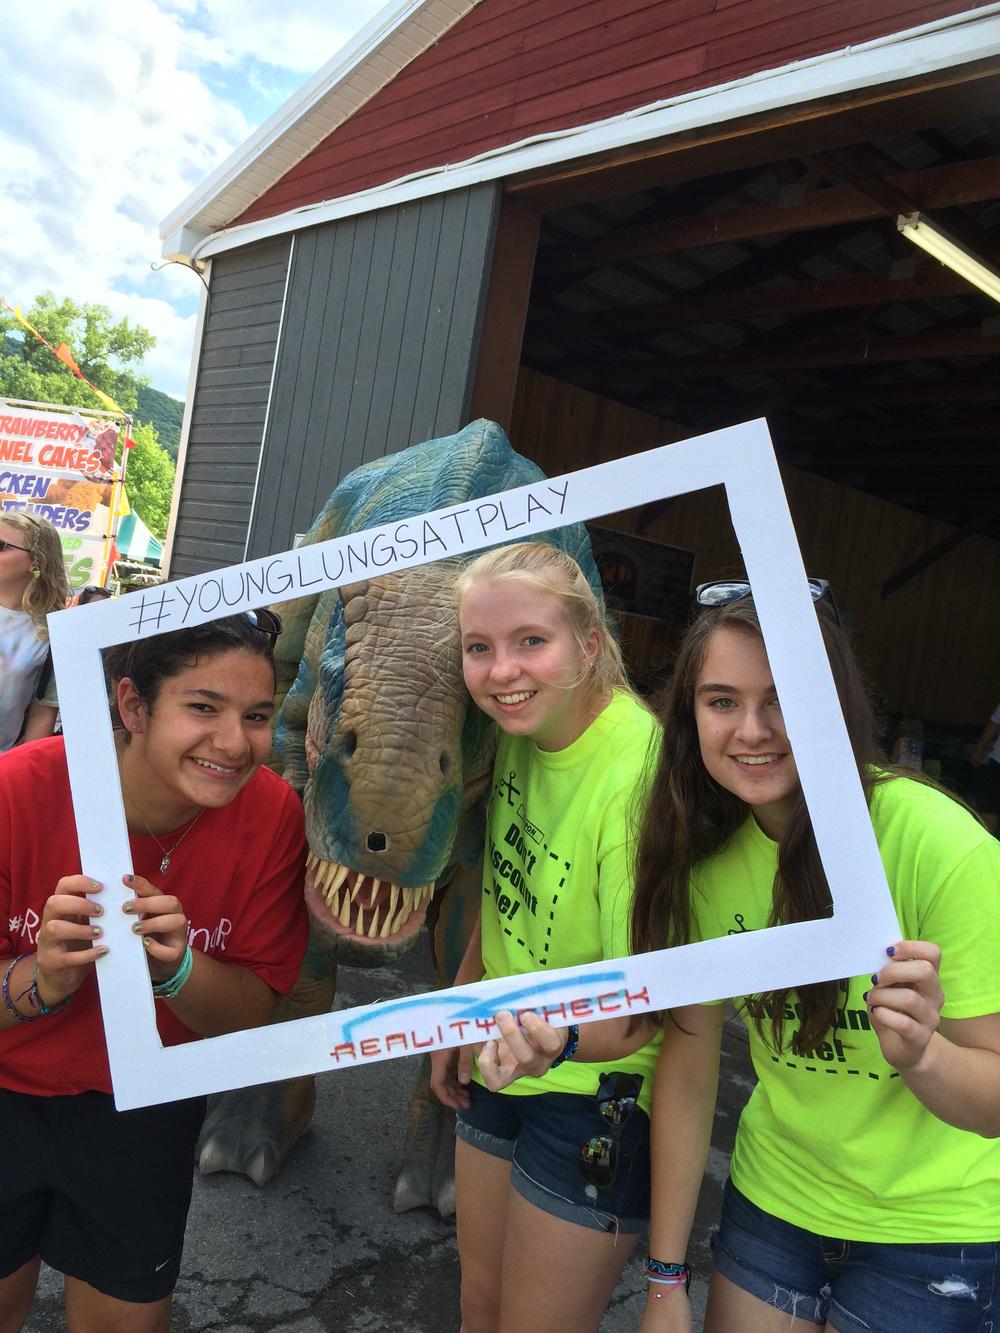 Schohaire County Sunshine Fair